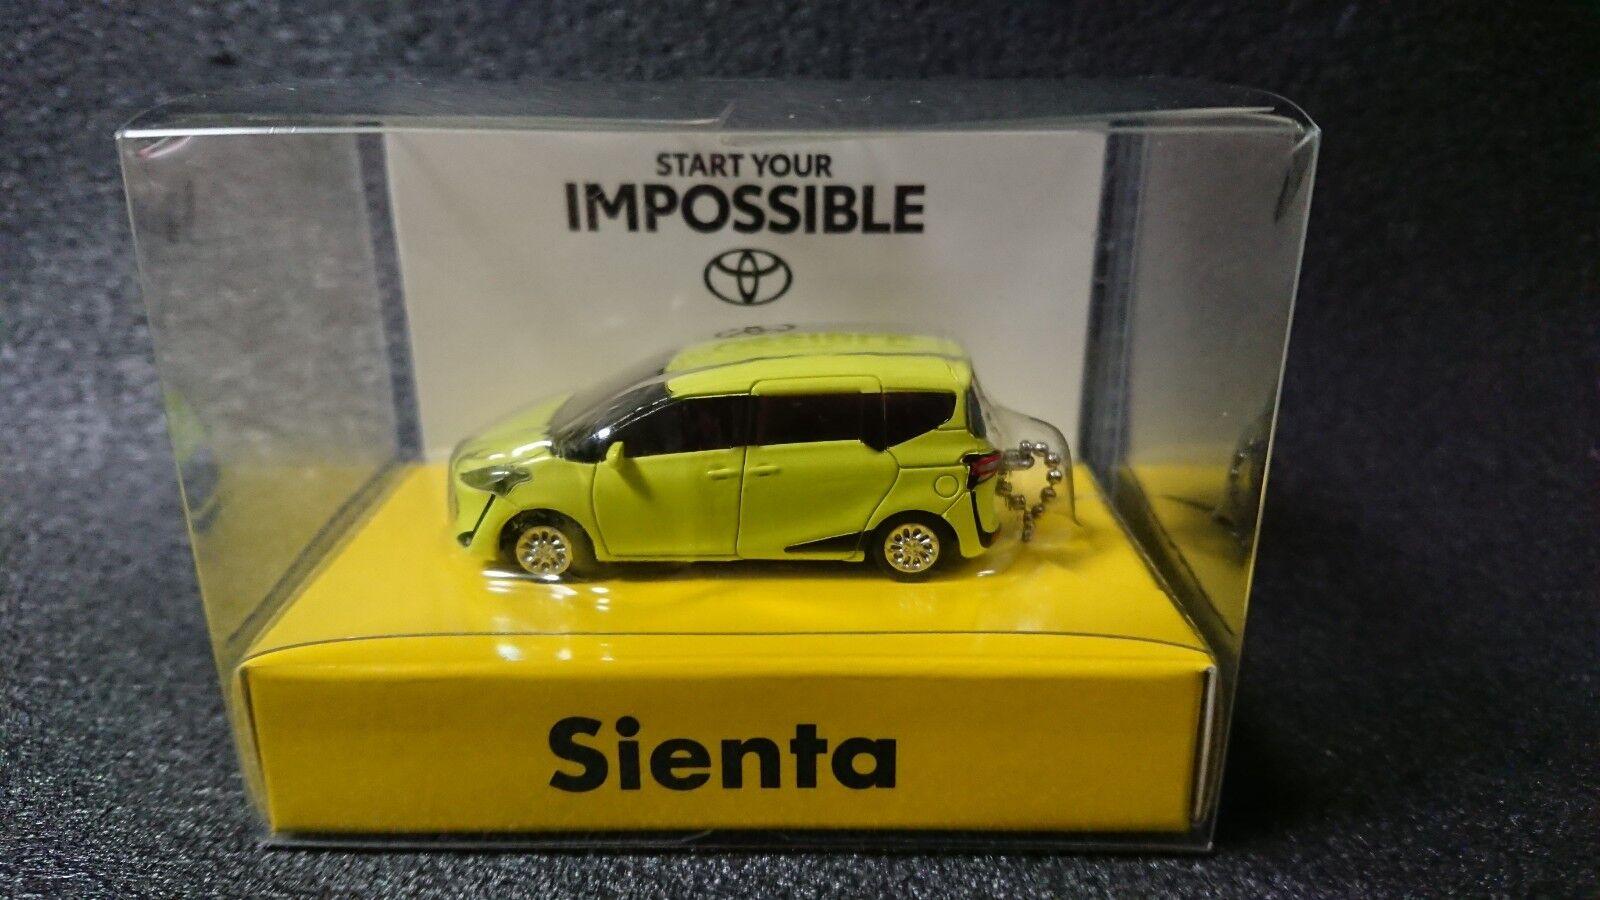 Toyota New SIENTA Lumière DEL Key Holder air jaune voiture modèle non vendus dans la boutique